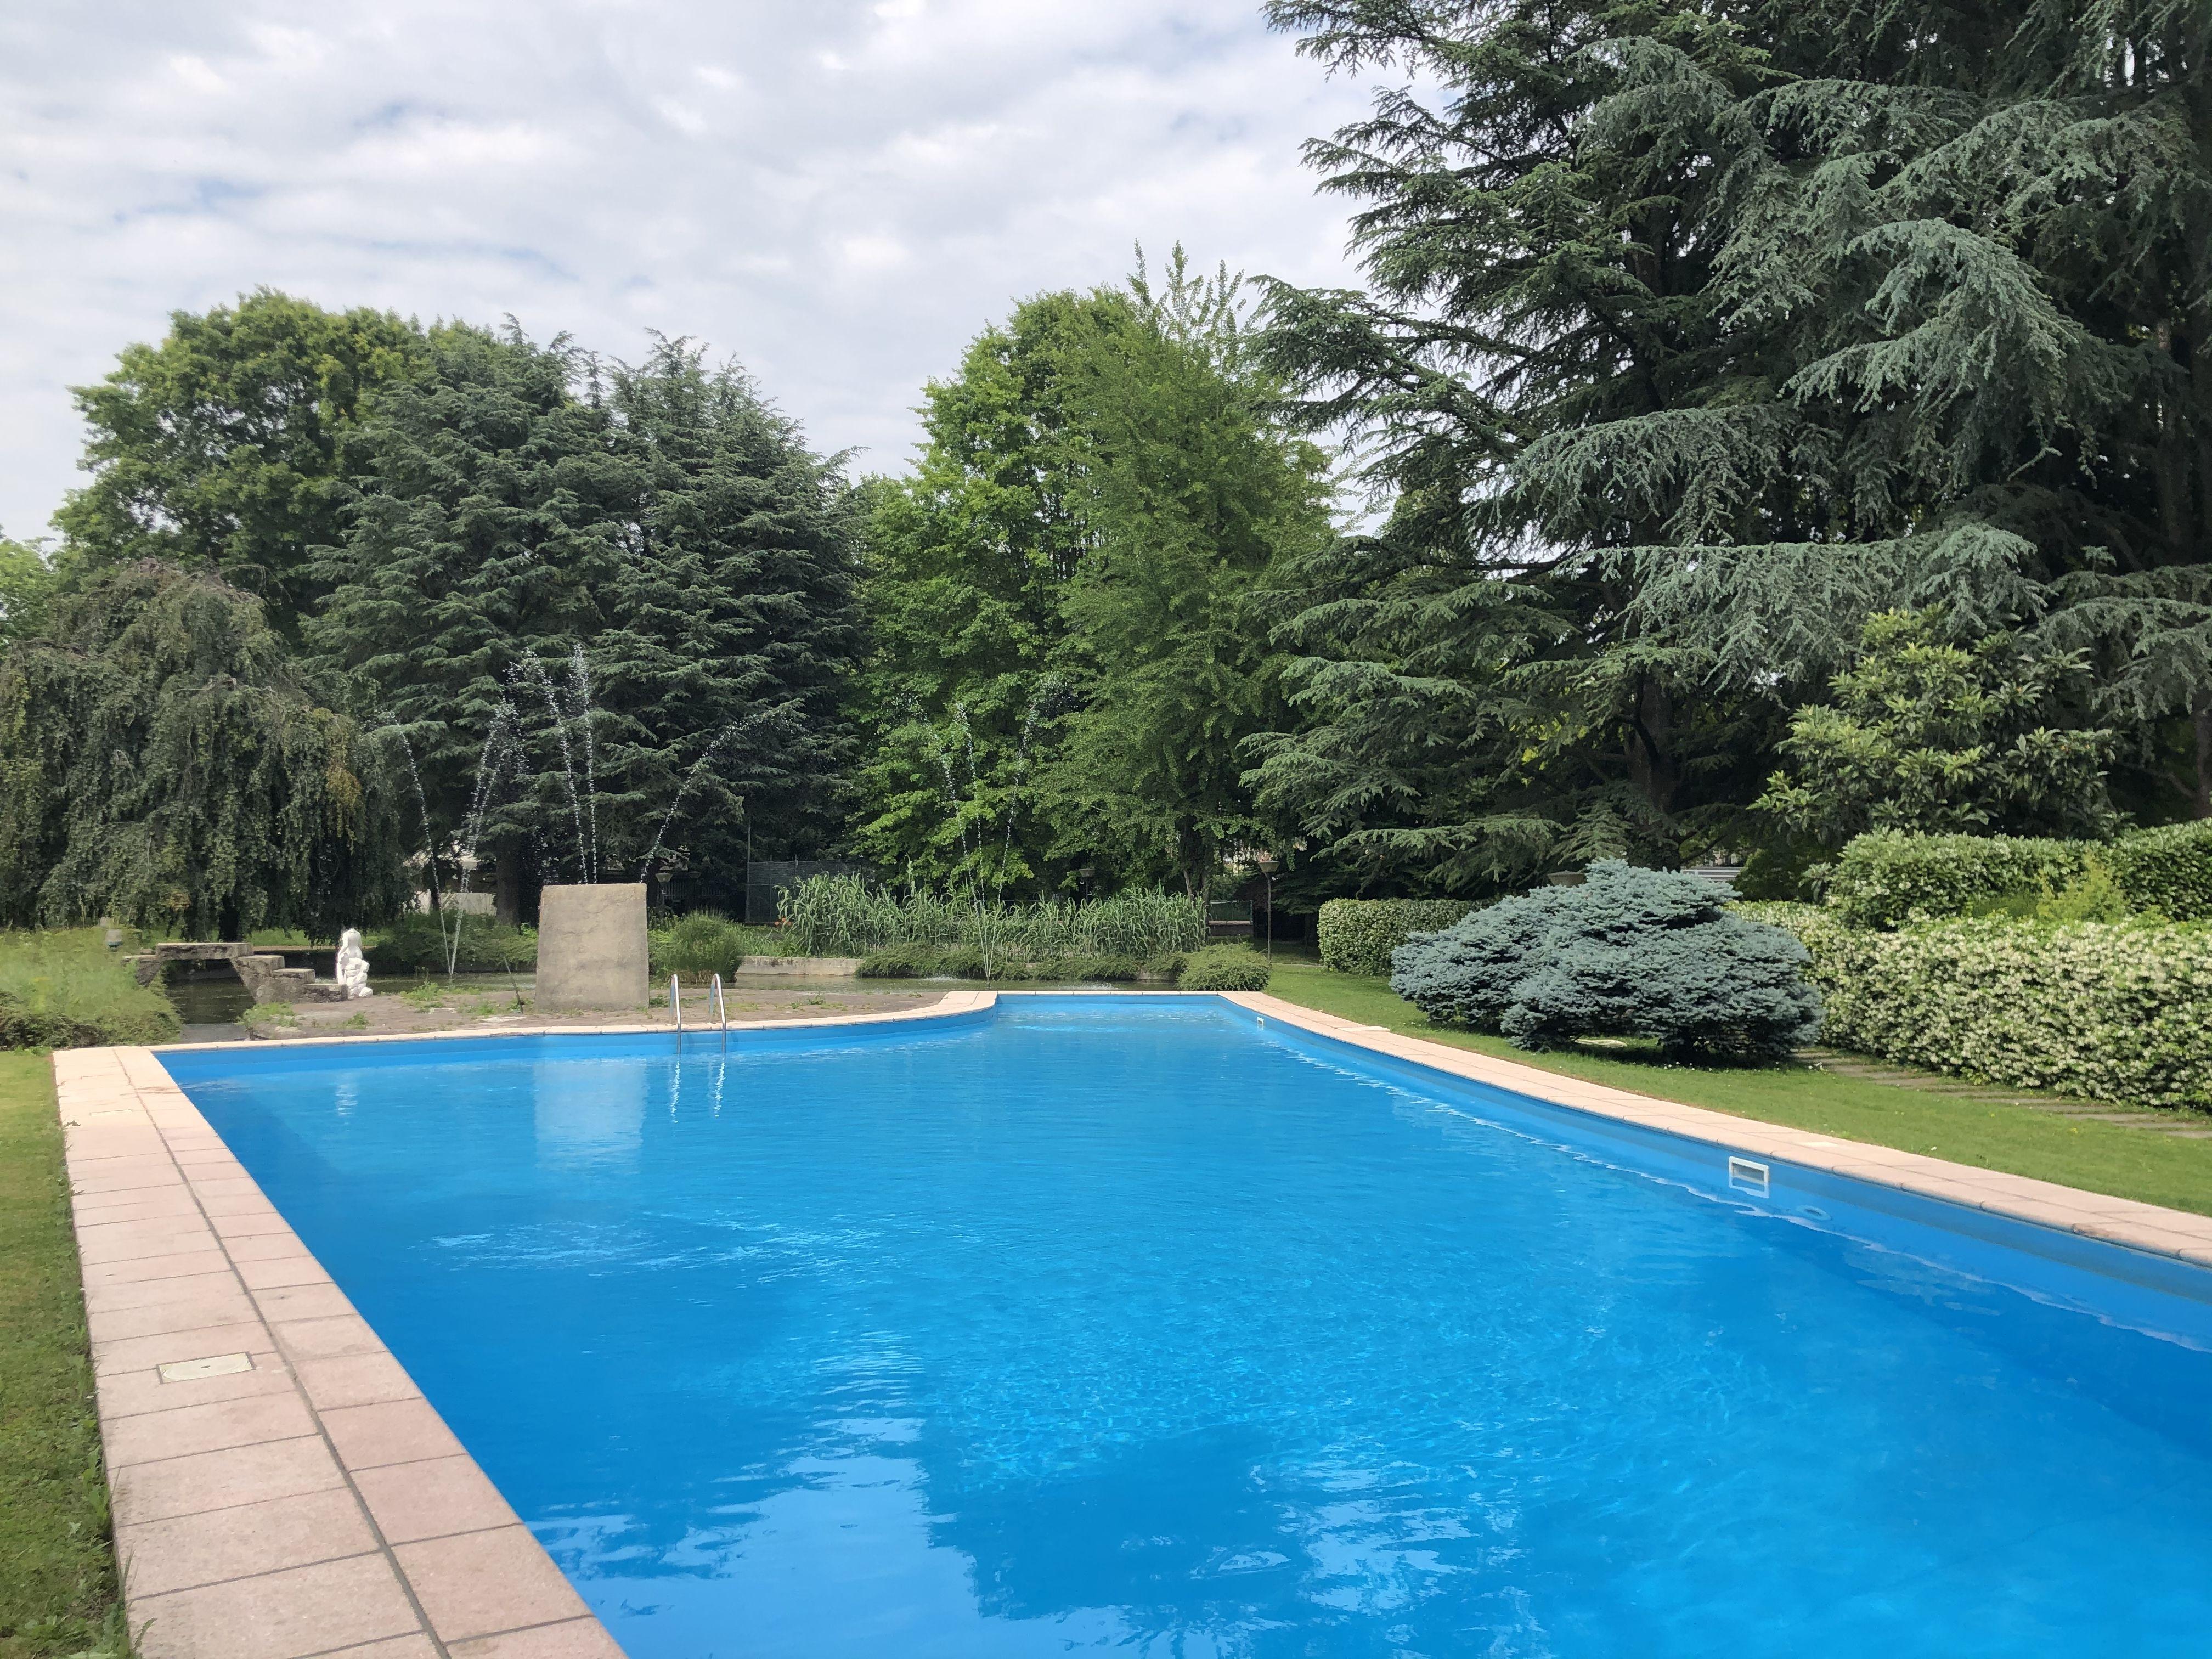 Villa con piscina in vendita a Agrate Brianza   CASA&STYLE ...